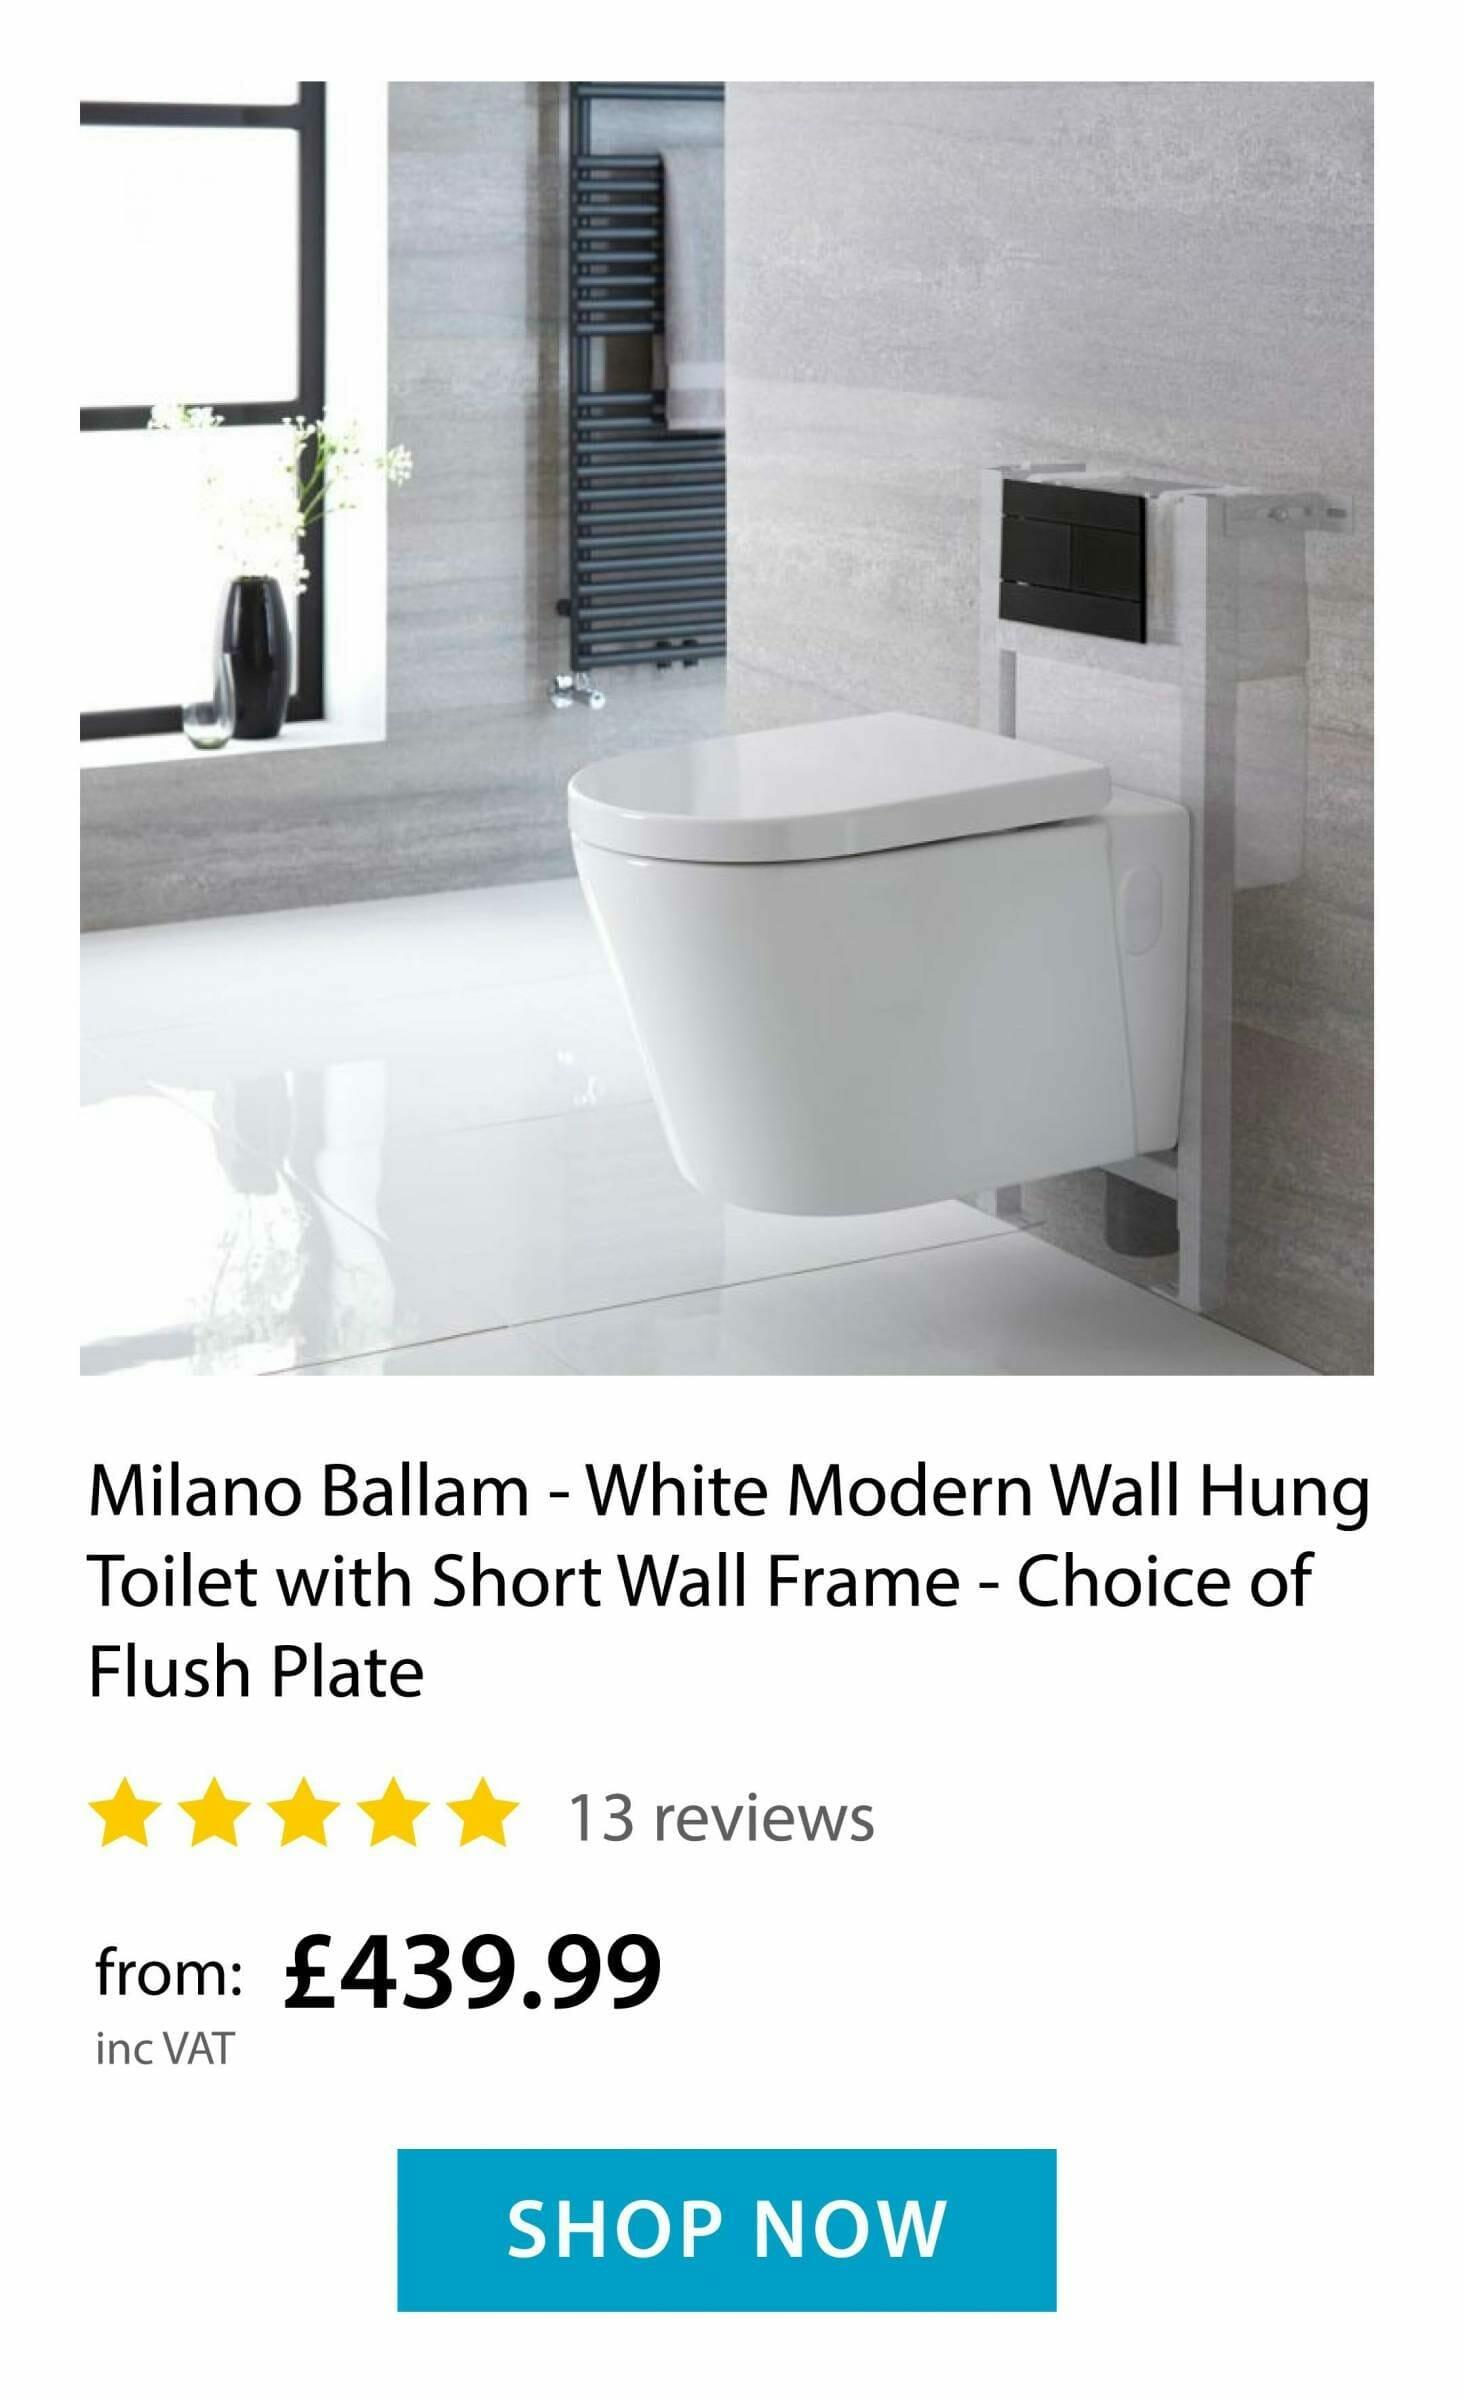 Milano Ballam Wall Hung Toilet